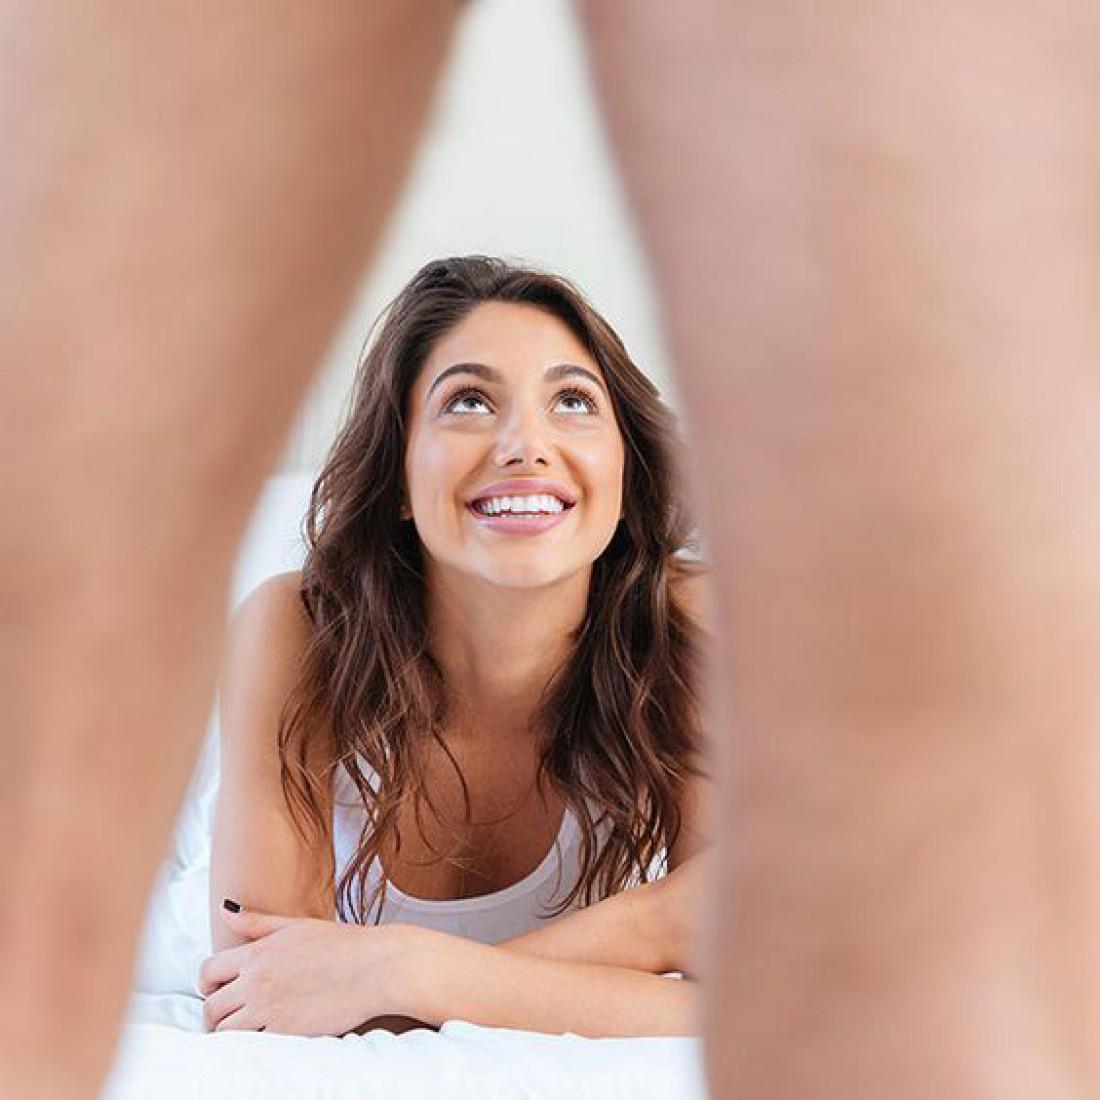 Любимый цвет и любимый размер: Идеальные параметры мужского полового органа